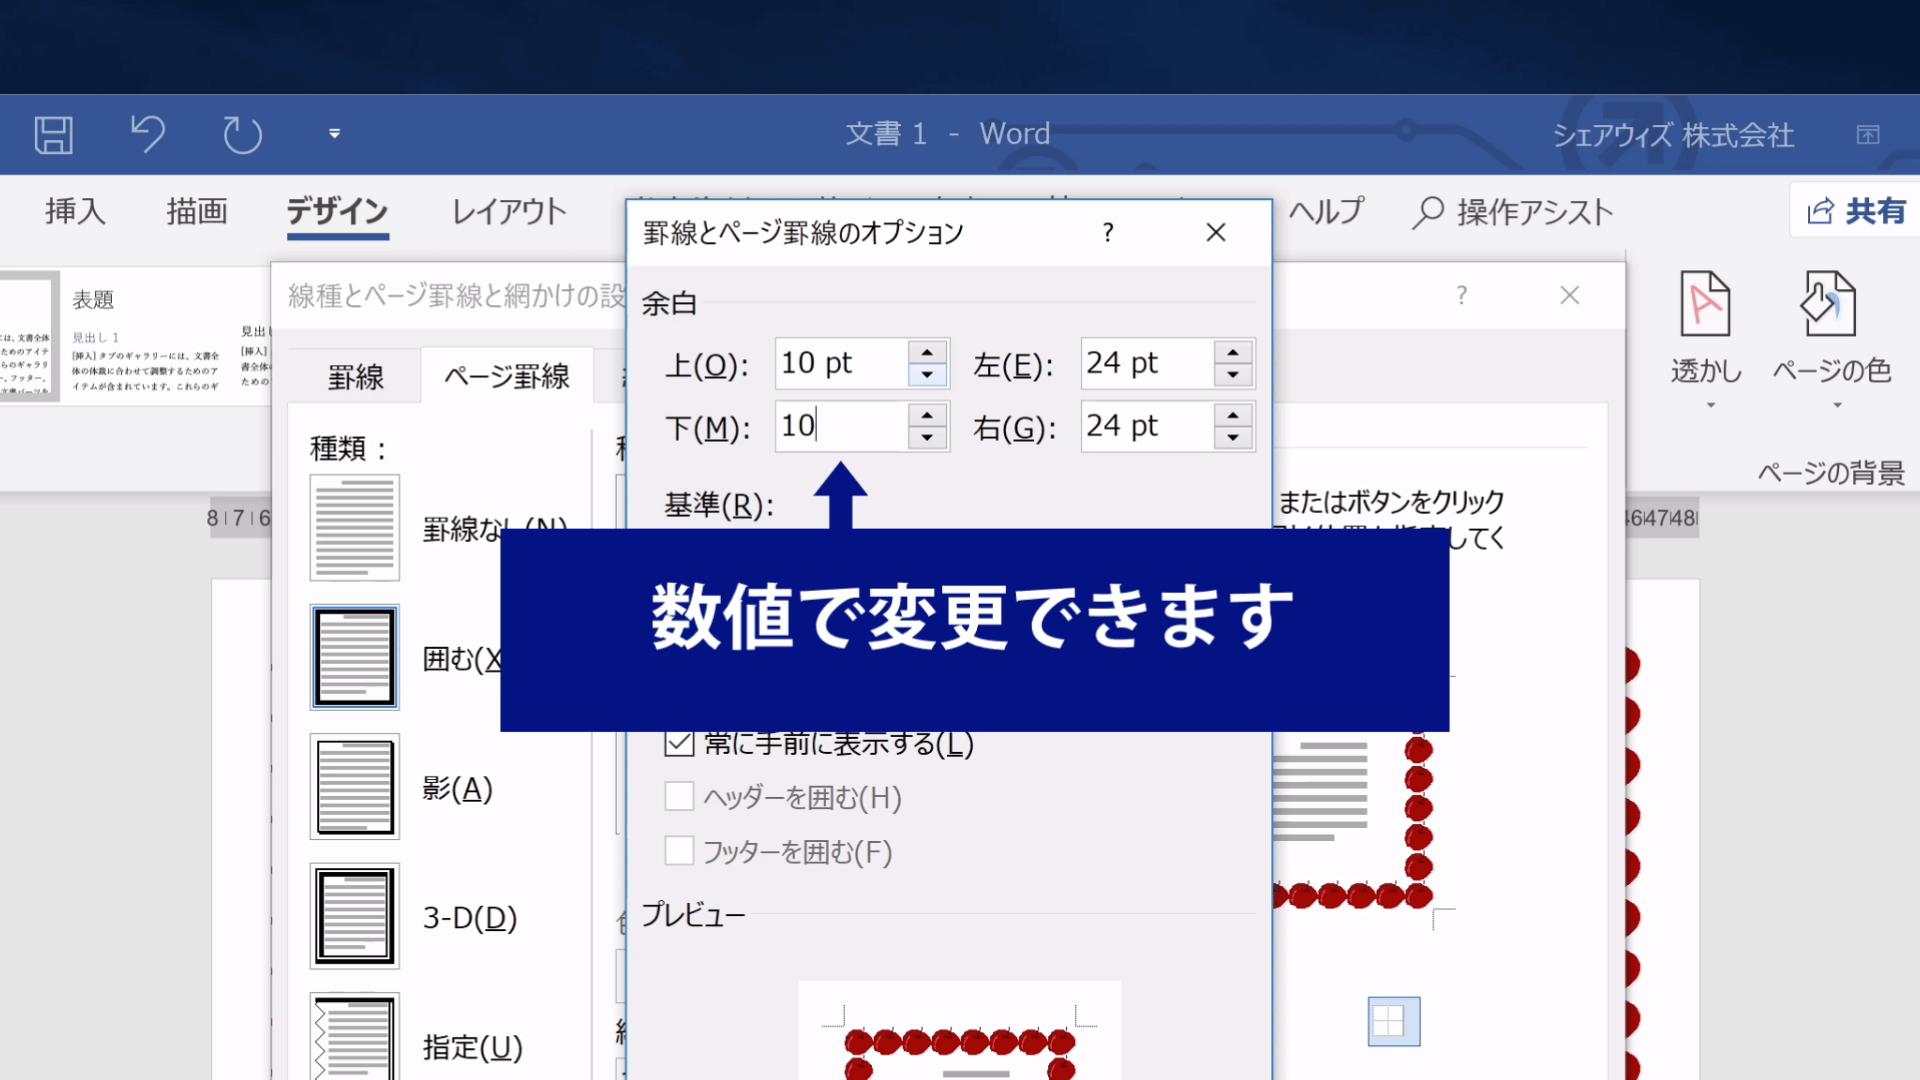 ページ罫線の余白の調整をポイント単位で設定している様子の図